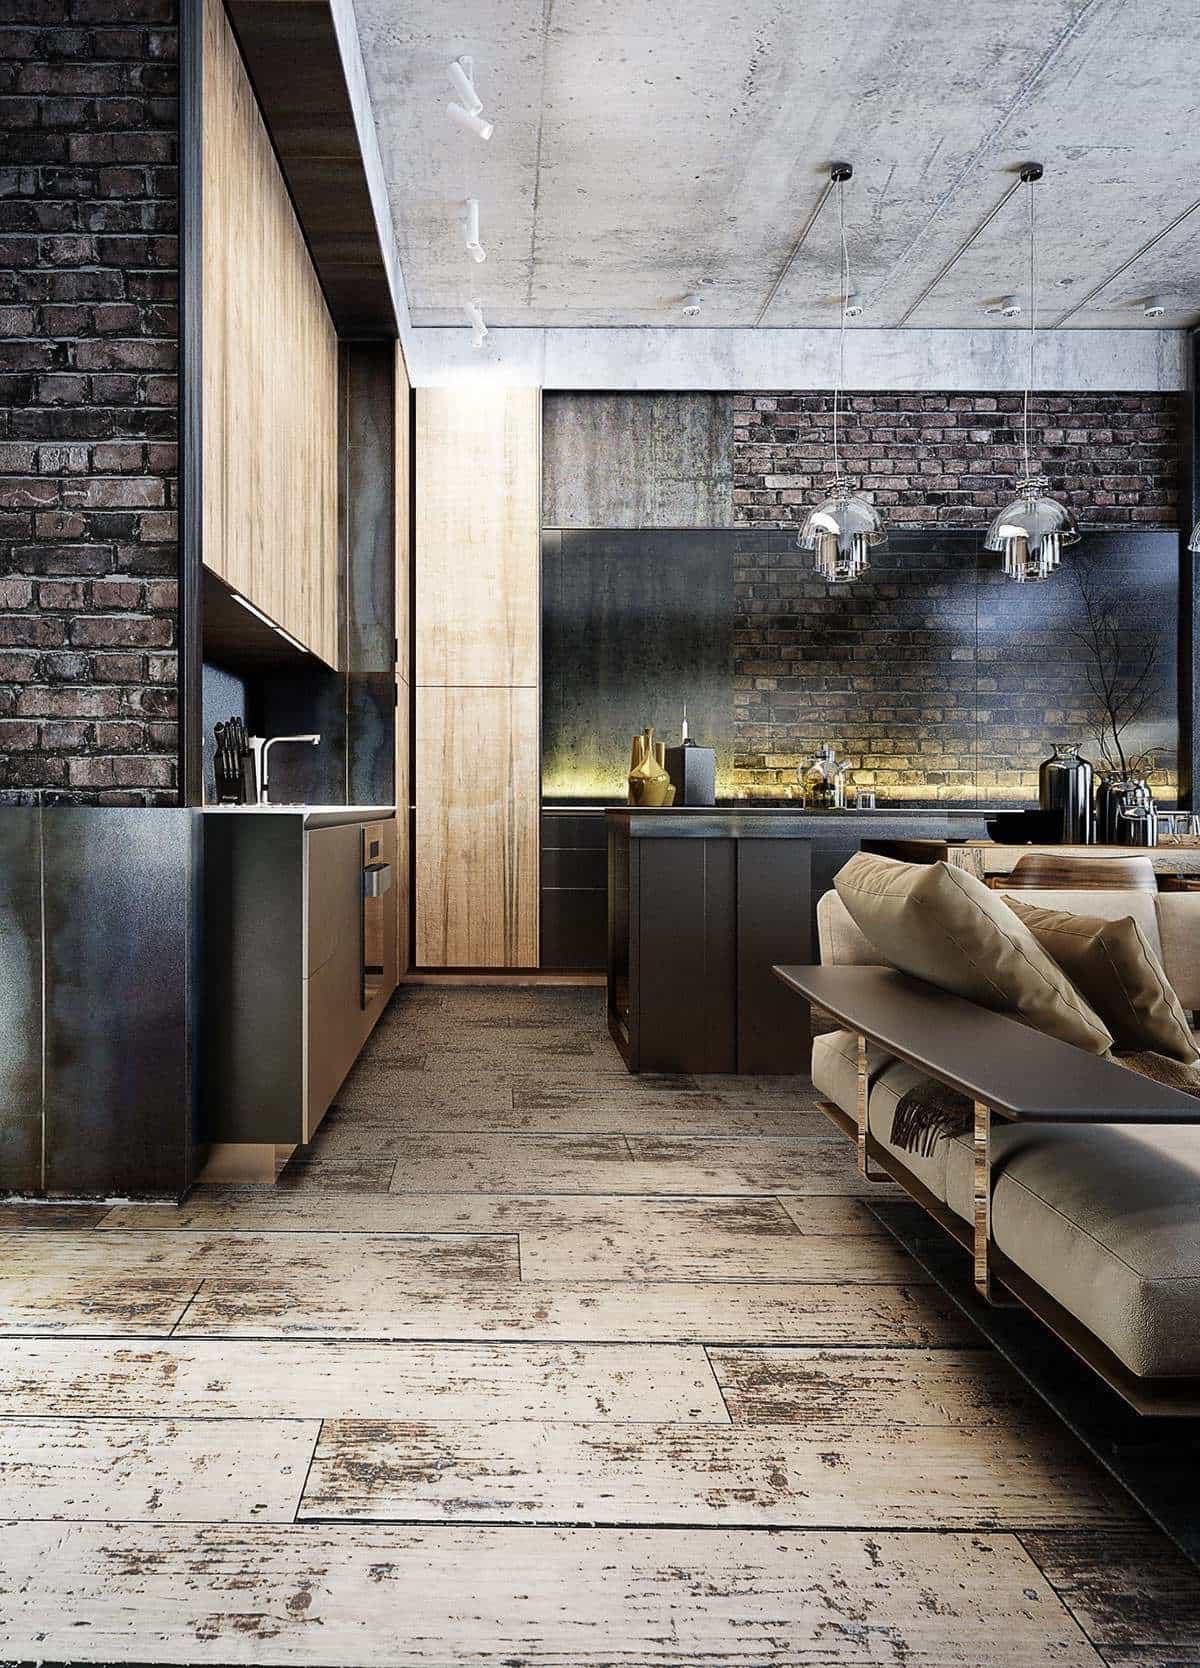 Typiquement de style loft, les plafonds en béton sont laissés intacts.